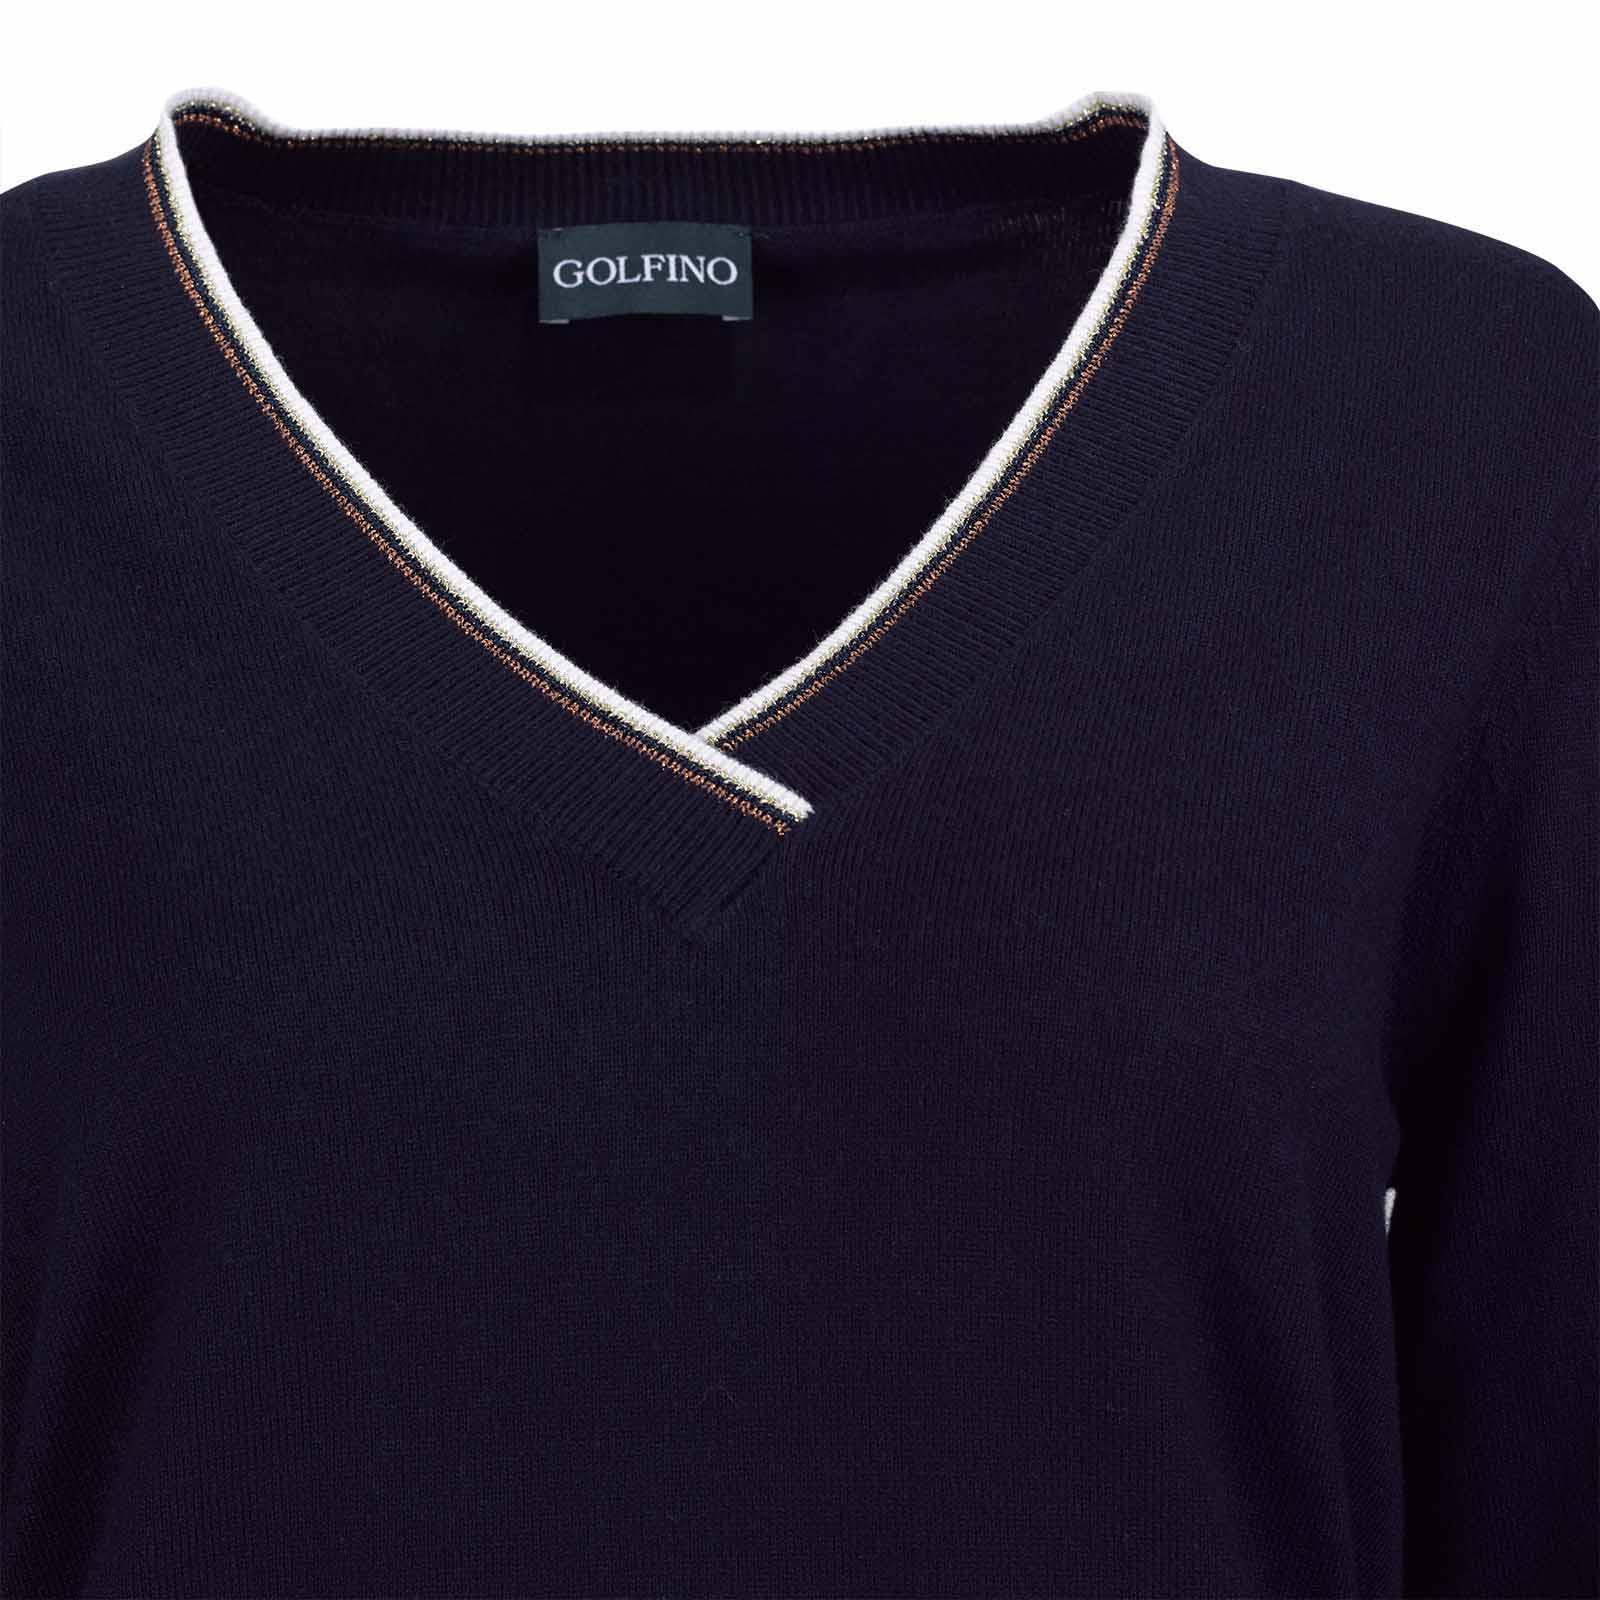 Damen V-Ausschnitt Strickpullover aus Soft Cotton mit Kaschmiranteil